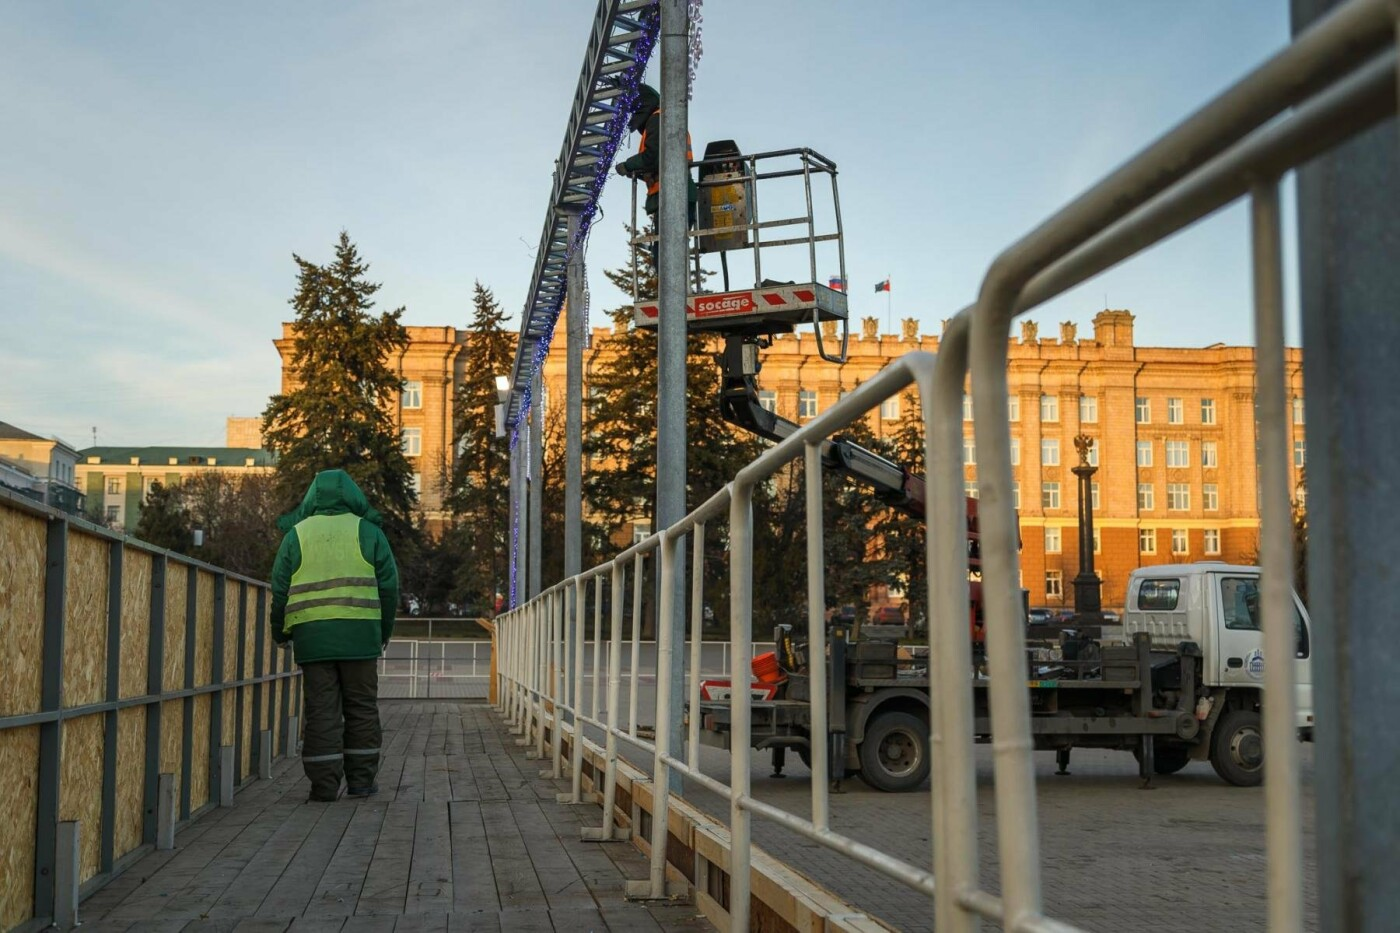 В соцсетях сообщили об установке ёлки на площади, но рабочие всё разобрали. Почему?, фото-10